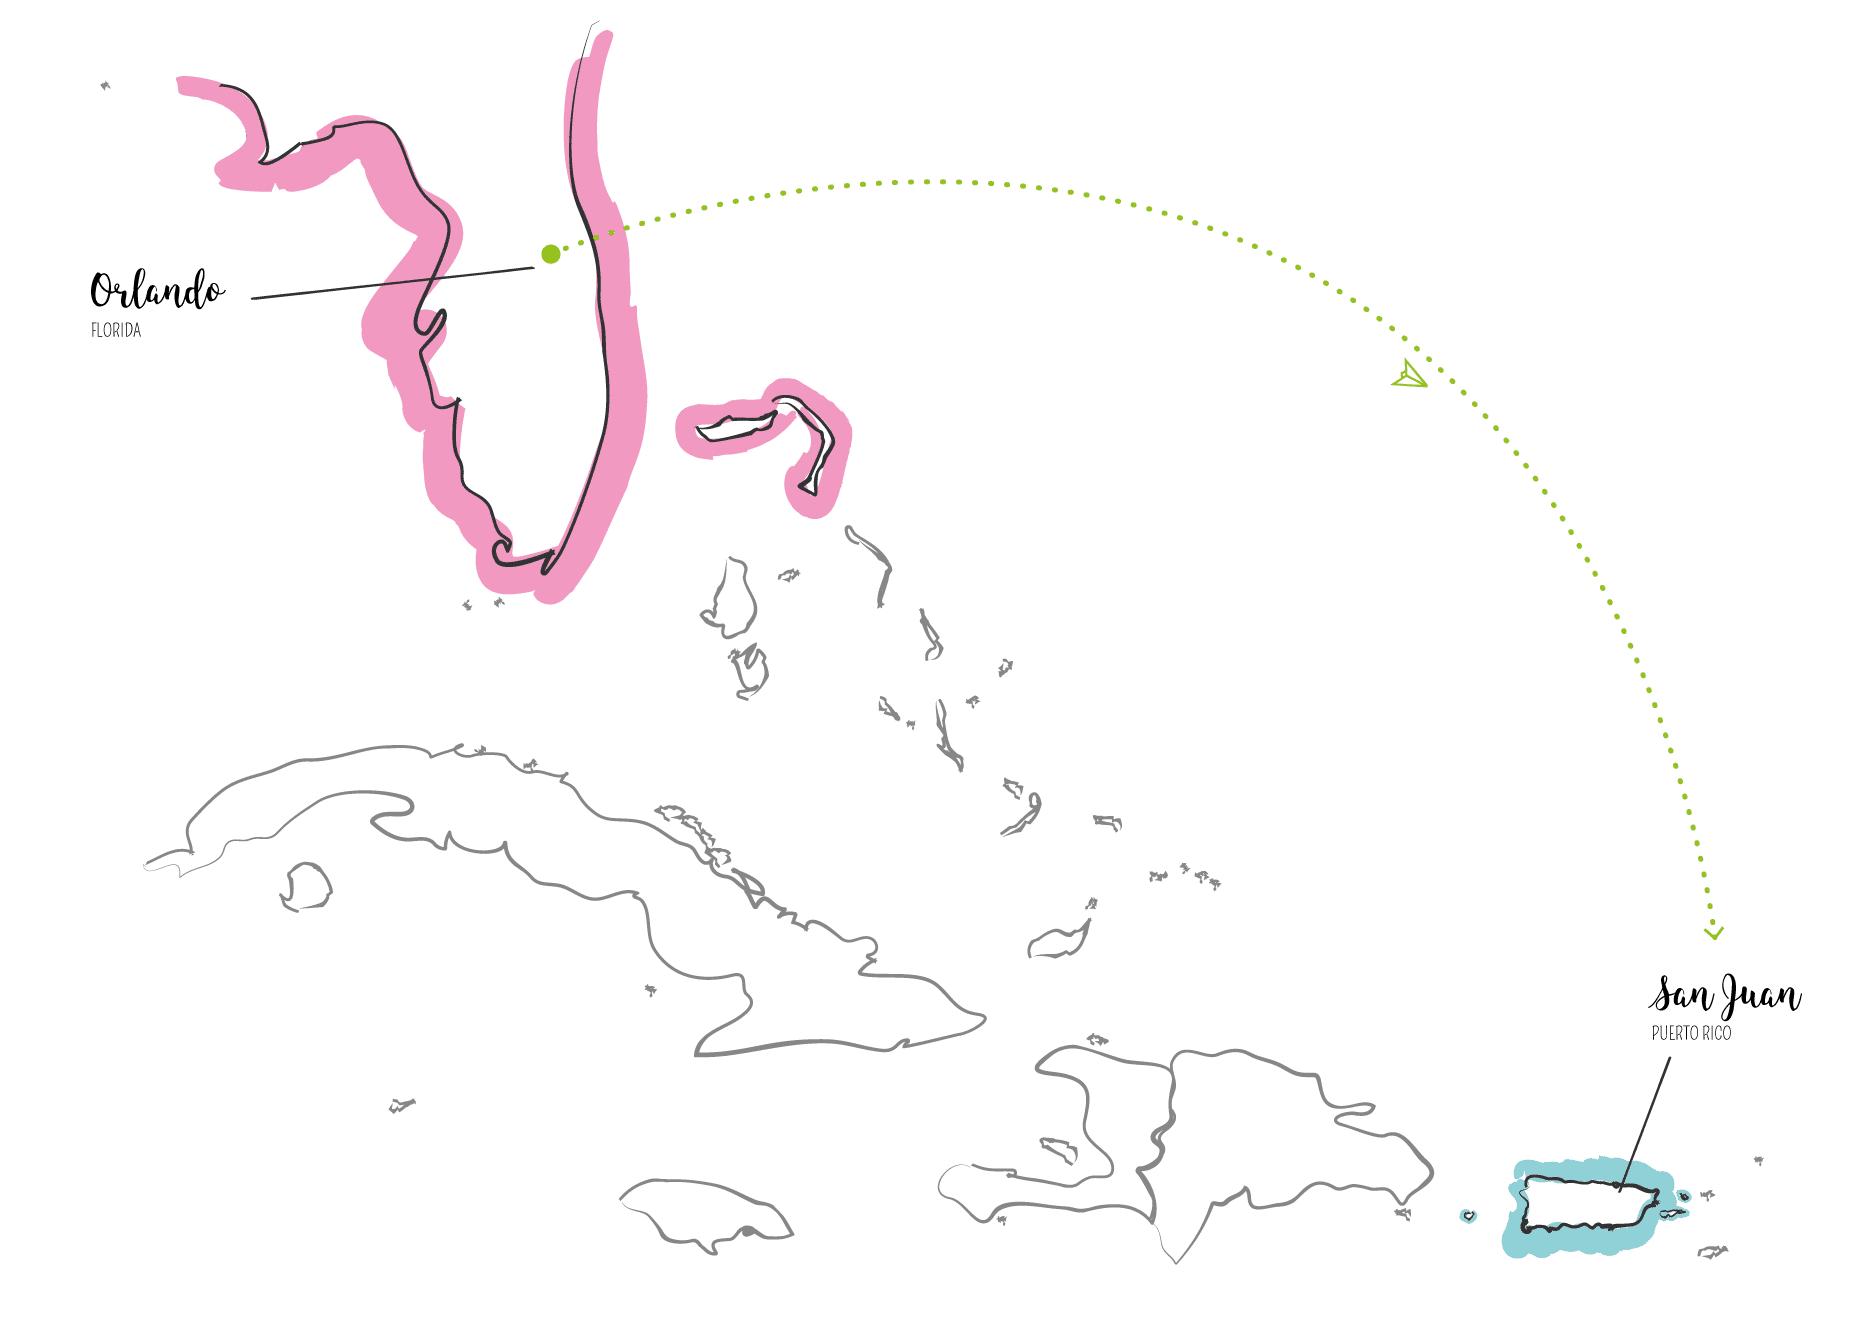 ilustrační mapa světa mezi Floridou aPortorikem